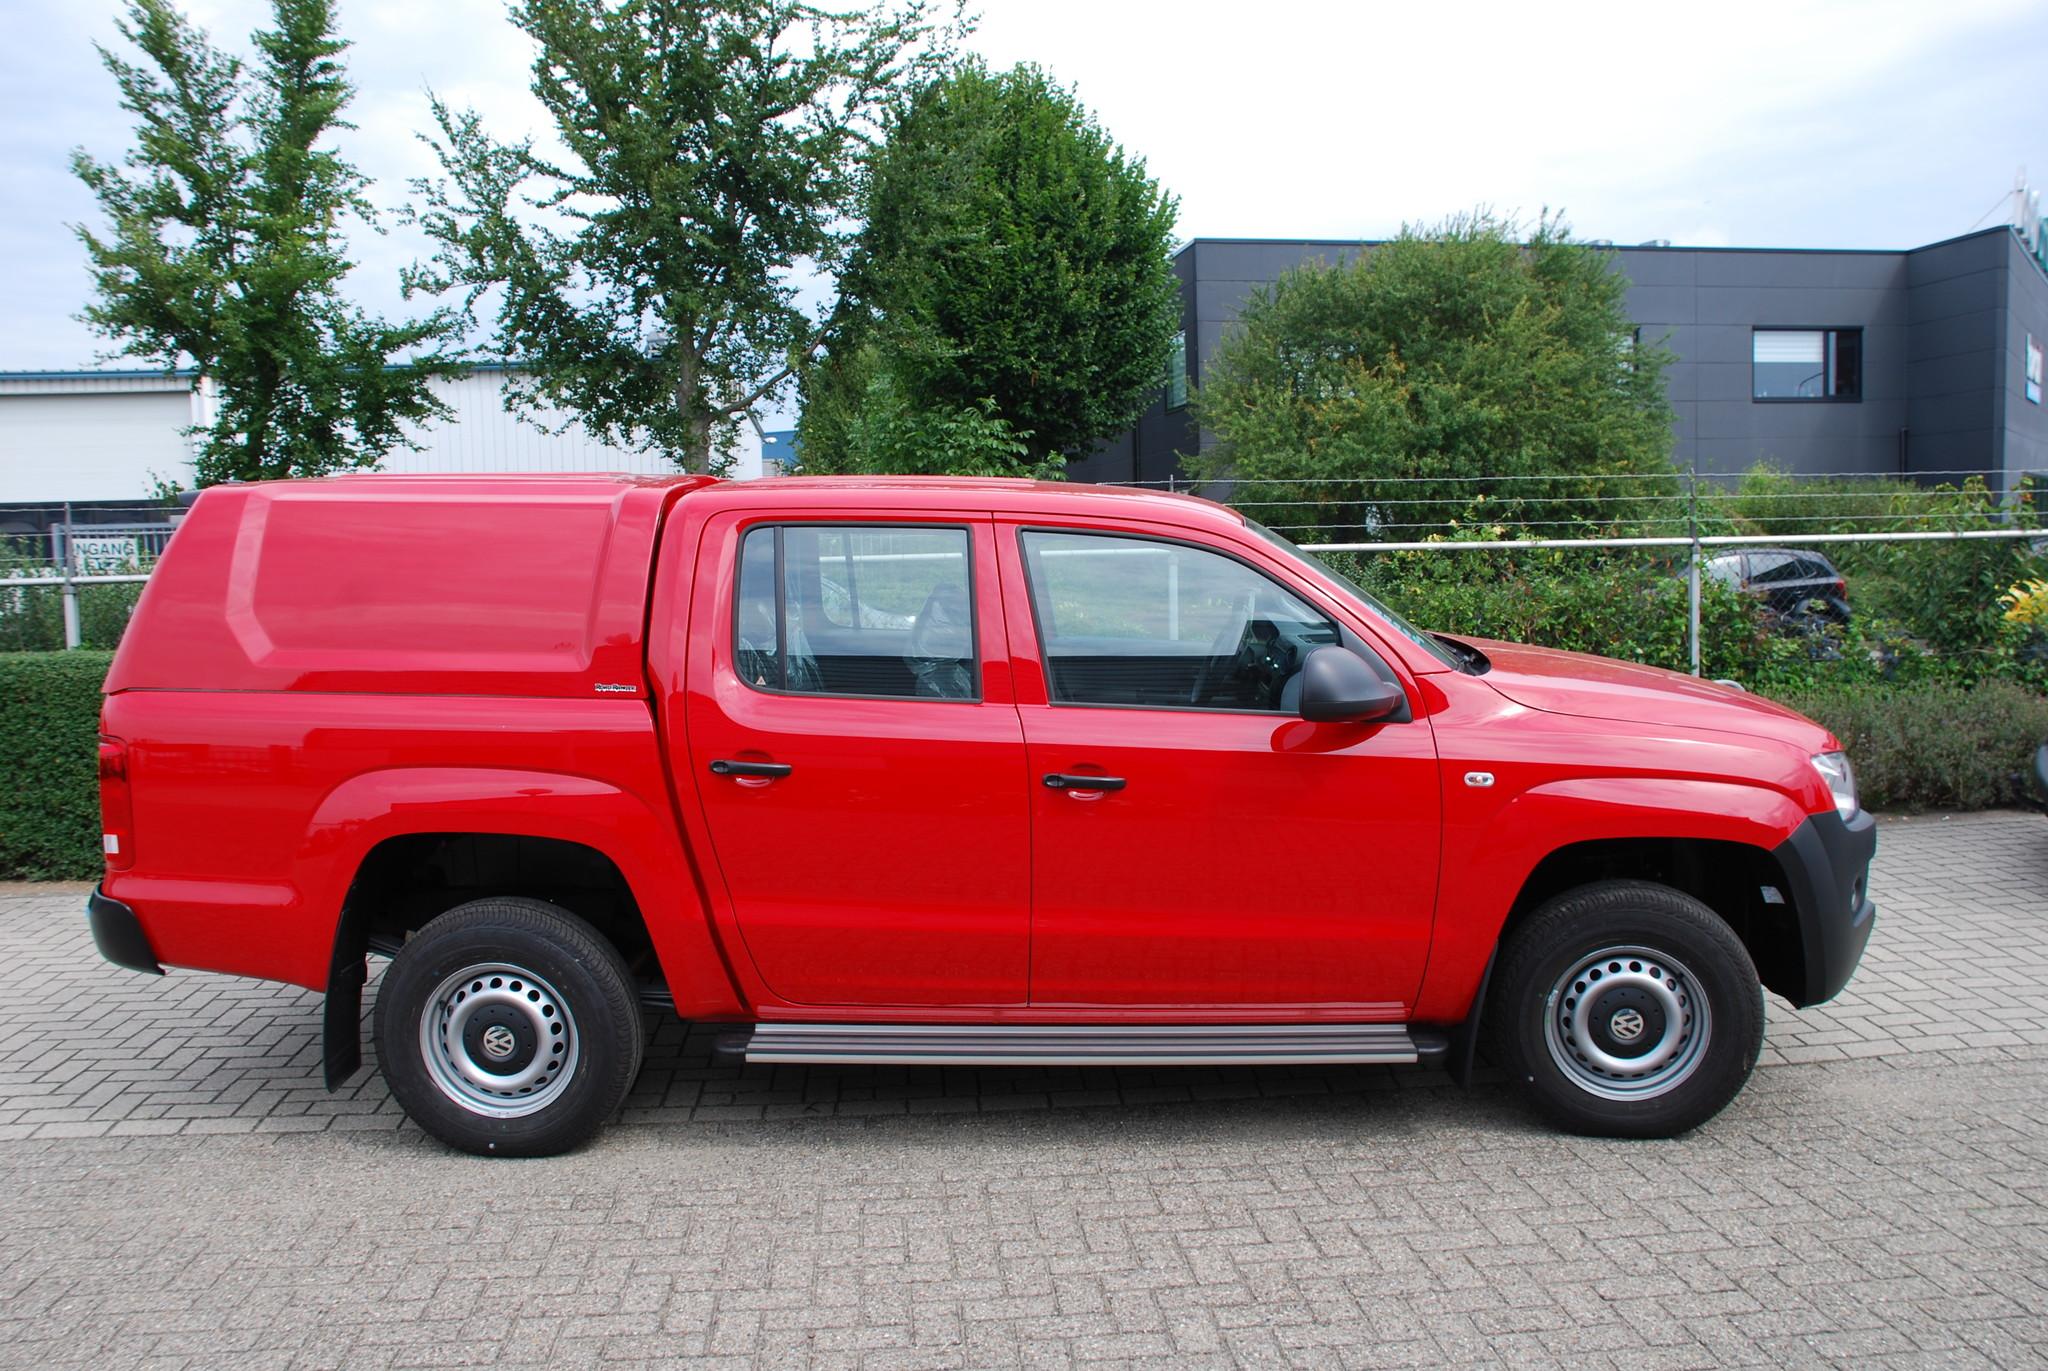 Hardtop RH3 - Volkswagen Amarok - Dubbel Cabine